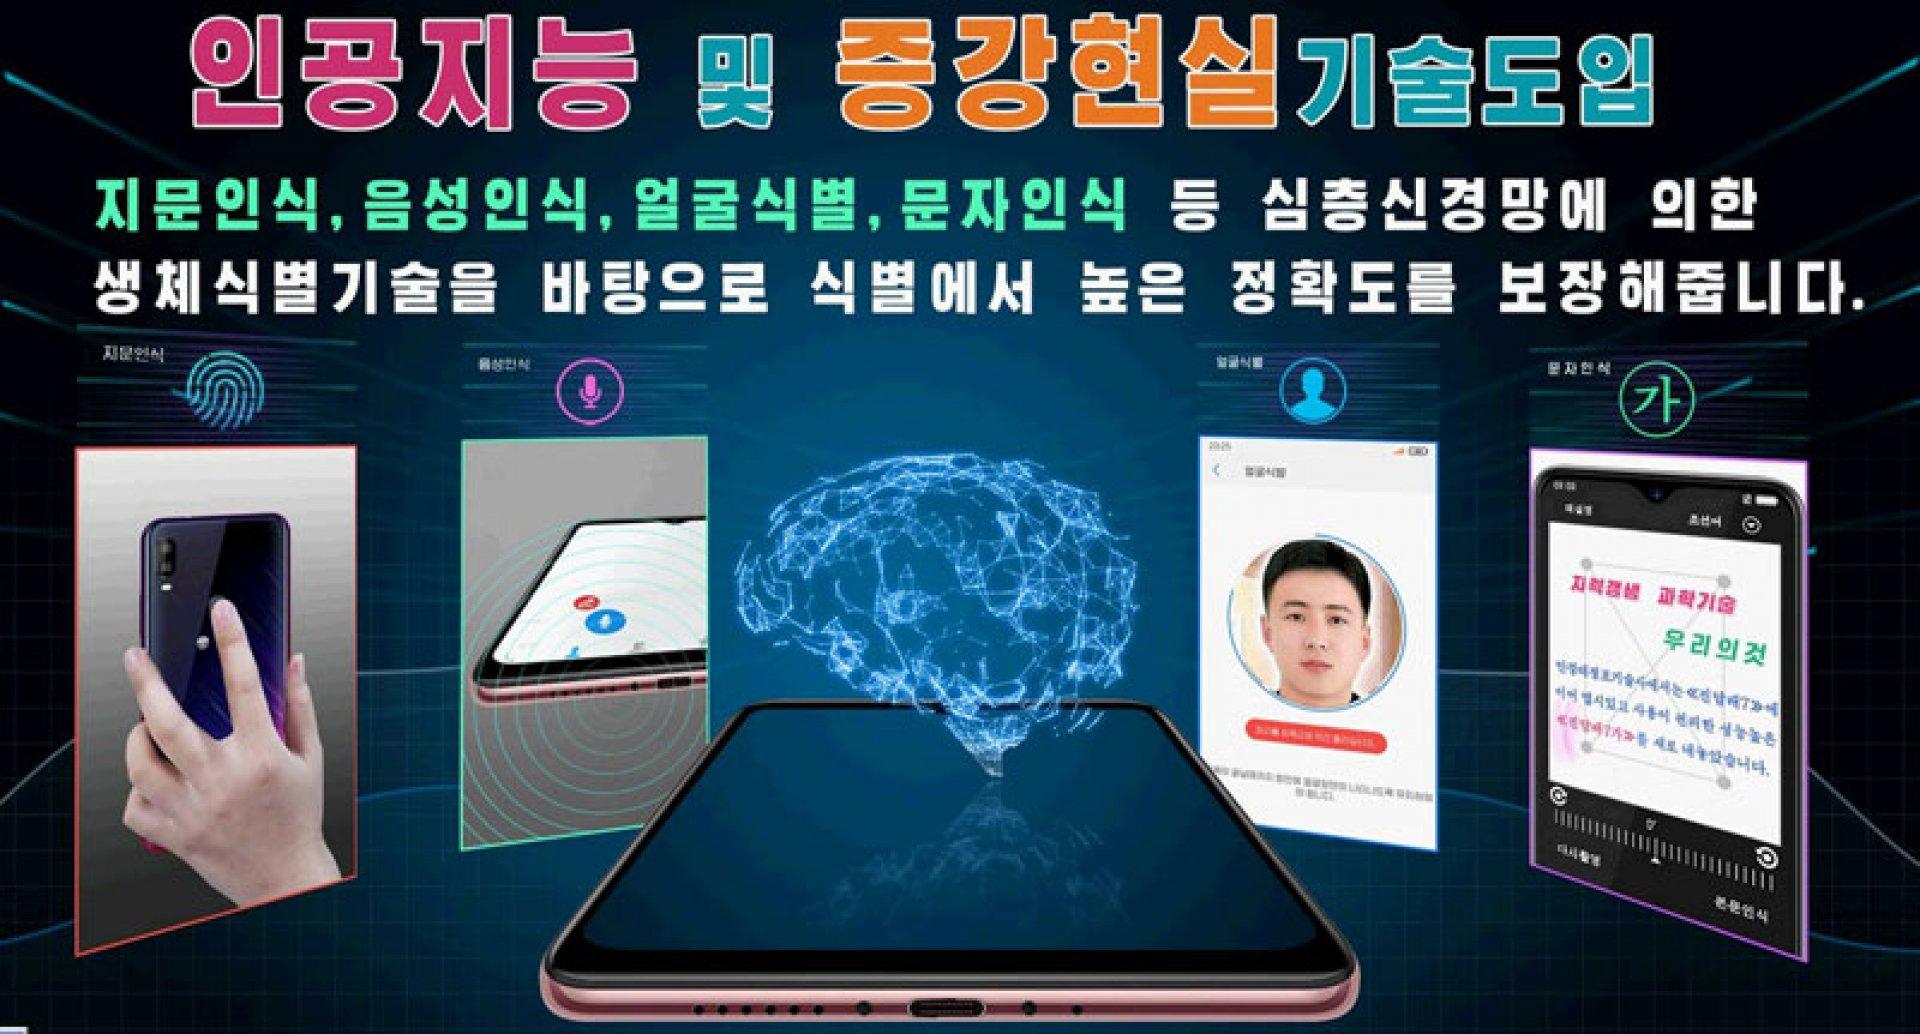 Смартфон от Ким Чен Ына